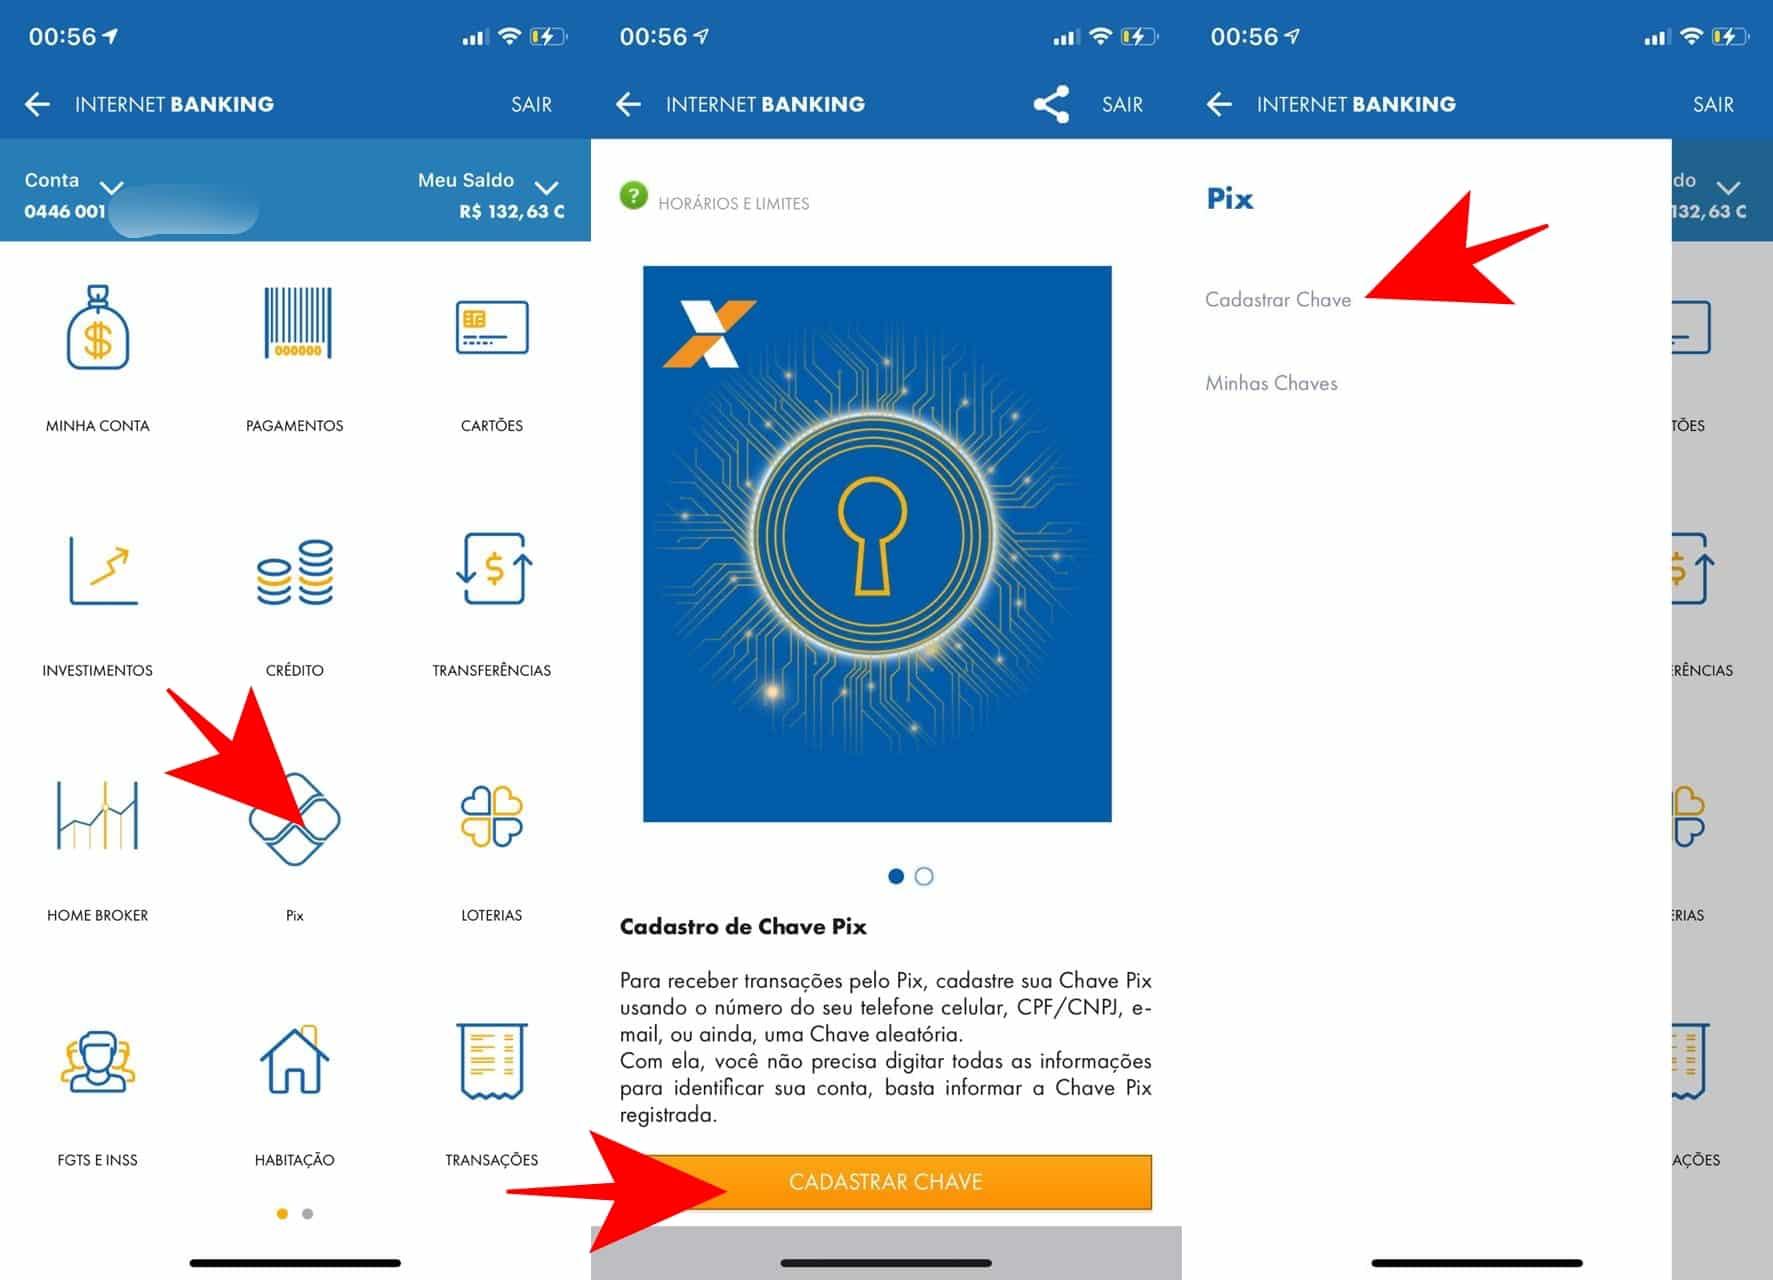 Como fazer a portabilidade de uma chave PIX para qualquer banco